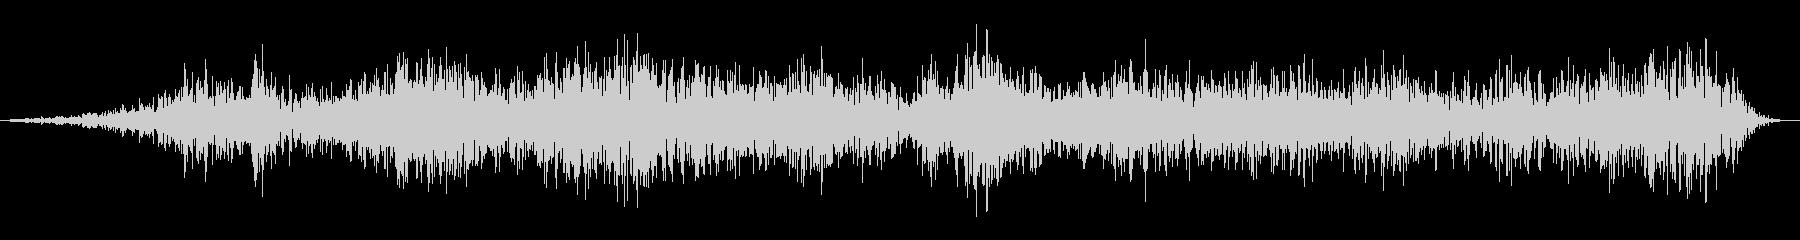 大釜の不気味なうめき声の未再生の波形